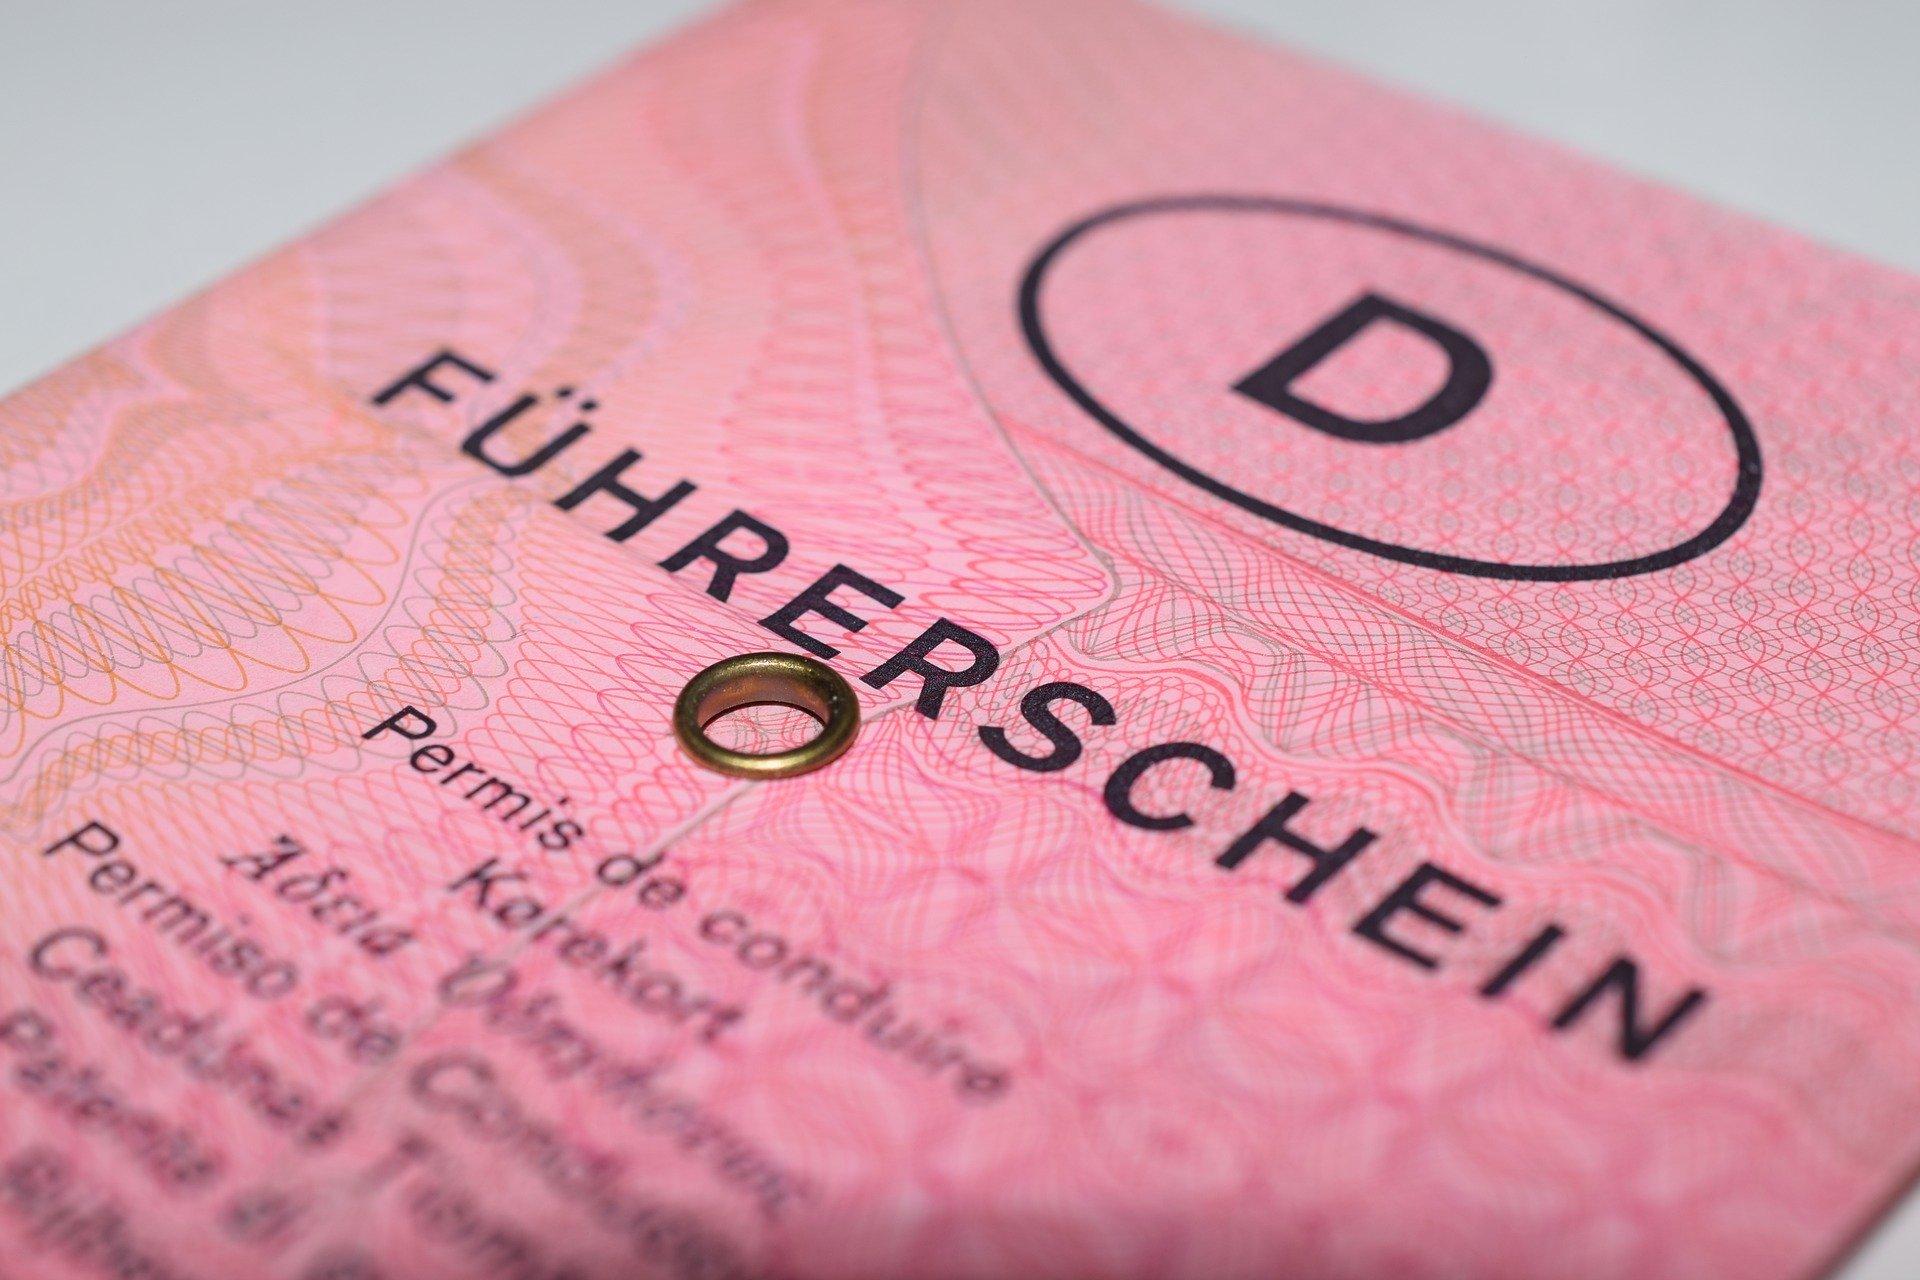 Führerschein- und Zulassungsstelle weiten Terminvergabe wieder aus